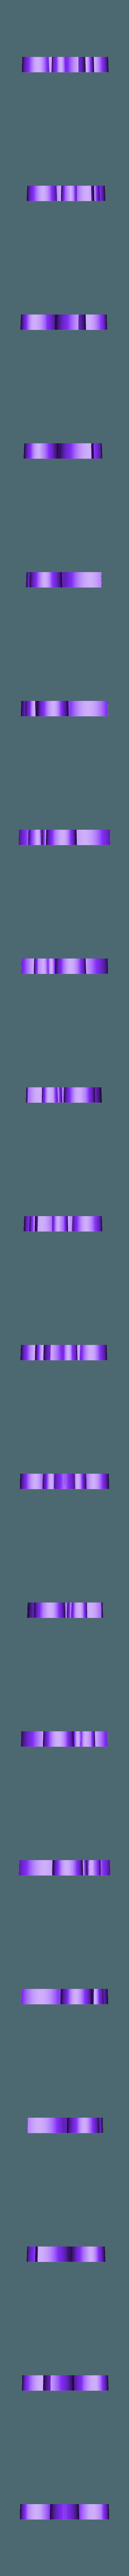 Fleur_De_Lis_Cookie_Cutter.stl Télécharger fichier STL gratuit Coupeuse de biscuits Fleur de Lis • Design à imprimer en 3D, terbear9876